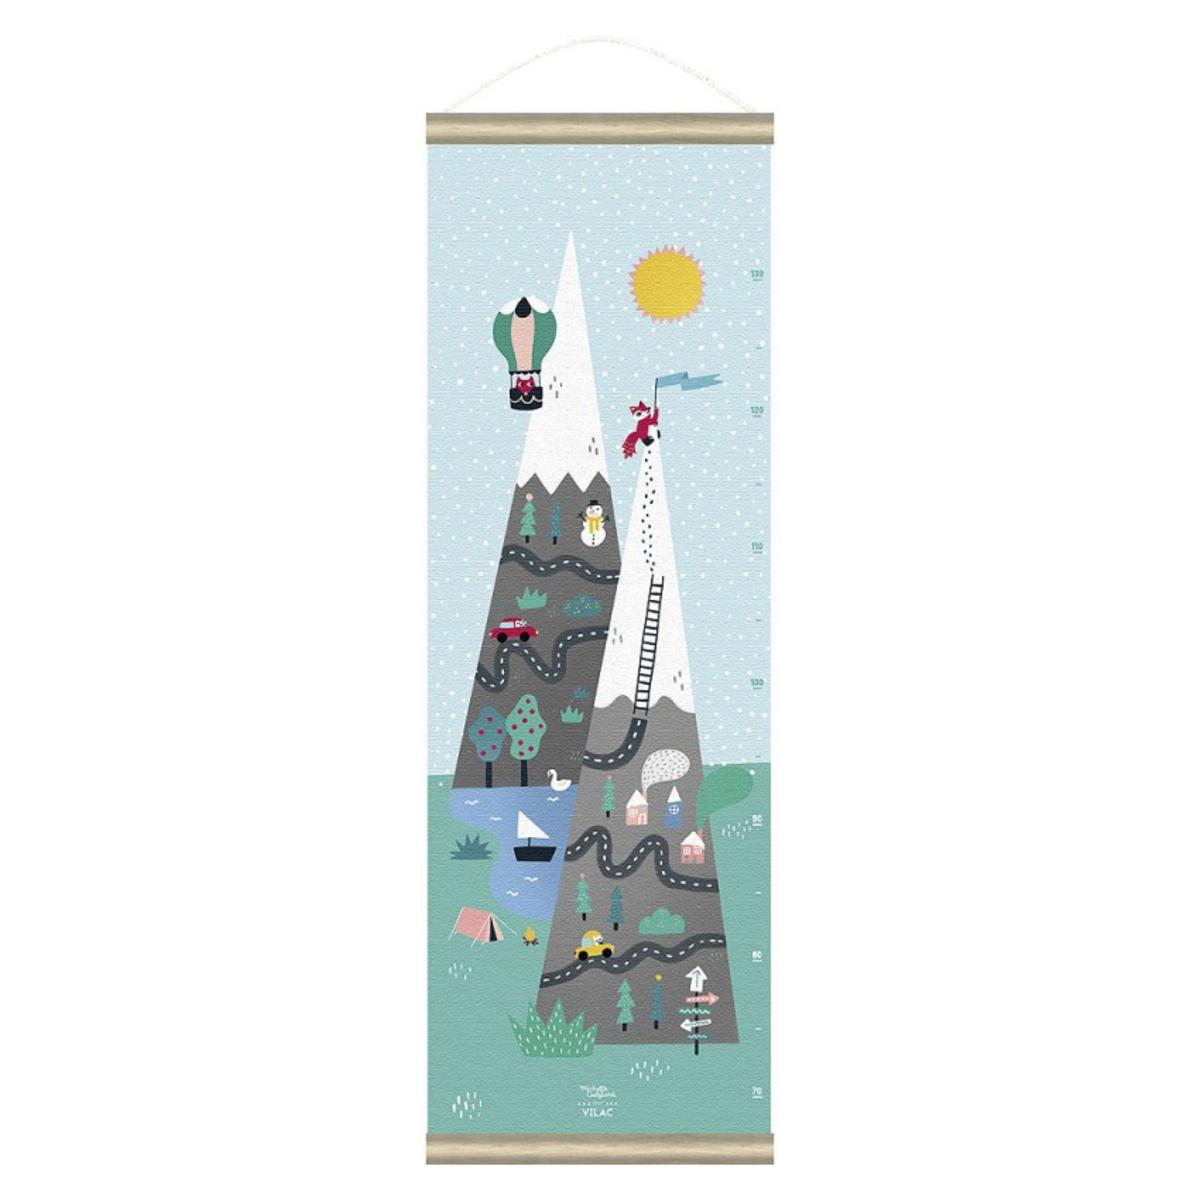 Toise Toise Montagne par Michelle Carlslund Toise Montagne par Michelle Carlslund